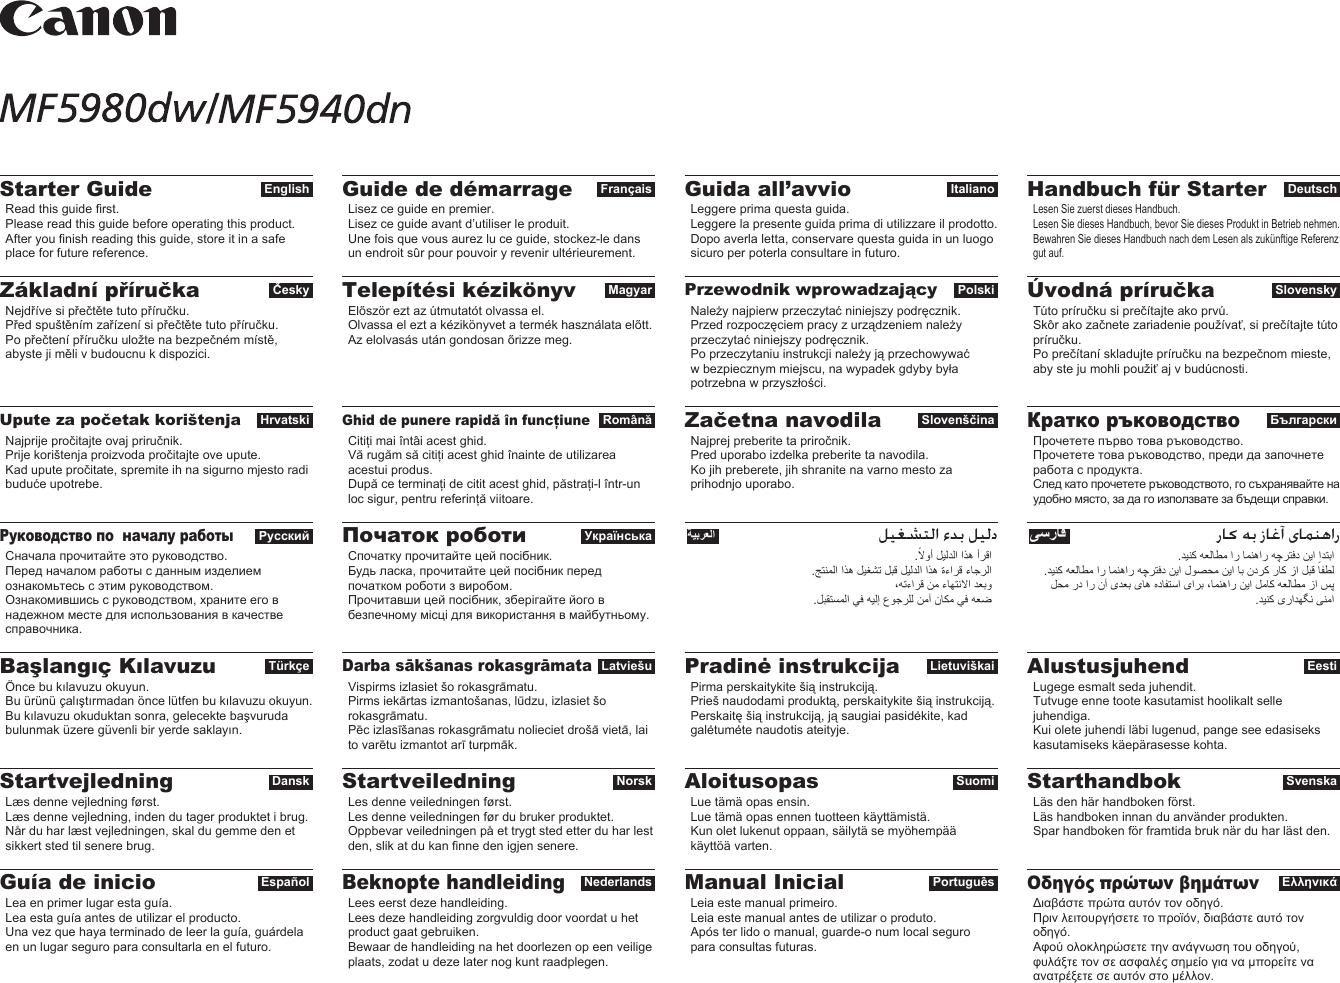 Mf5900 Series Starter Guide 00 153